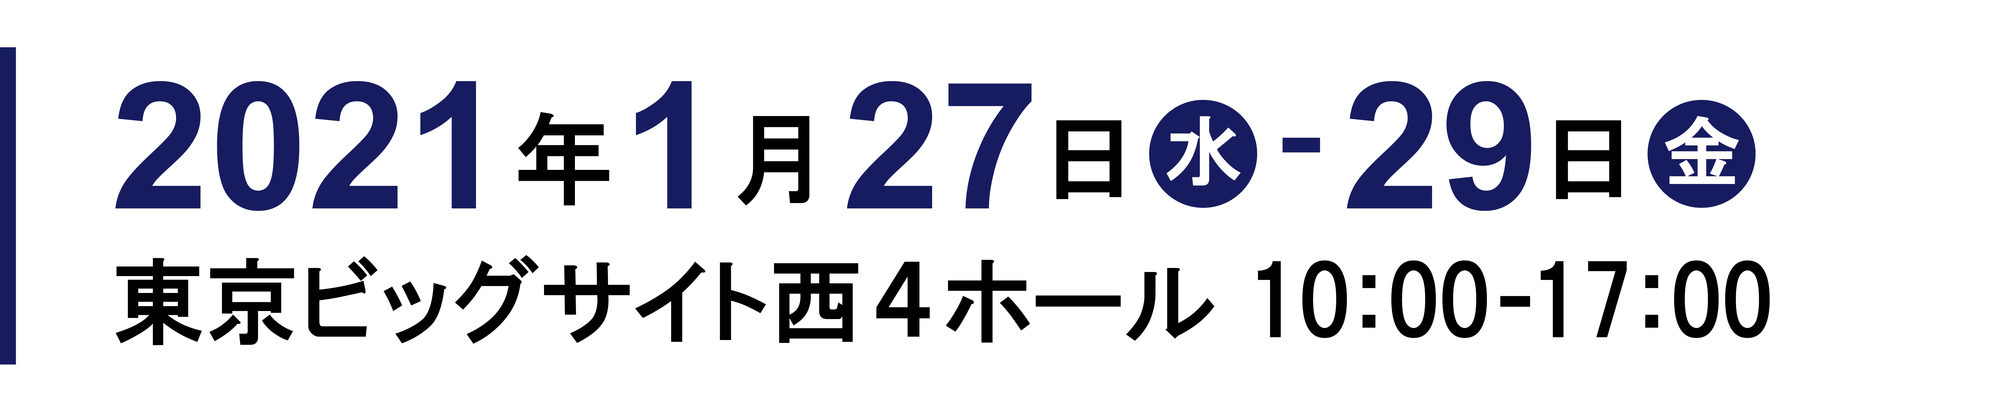 ケアショー・ジャパン 2021年1月27日(水)28日(木)29日(金)東京ビッグサイト 西3・4ホール 10:00-17:00